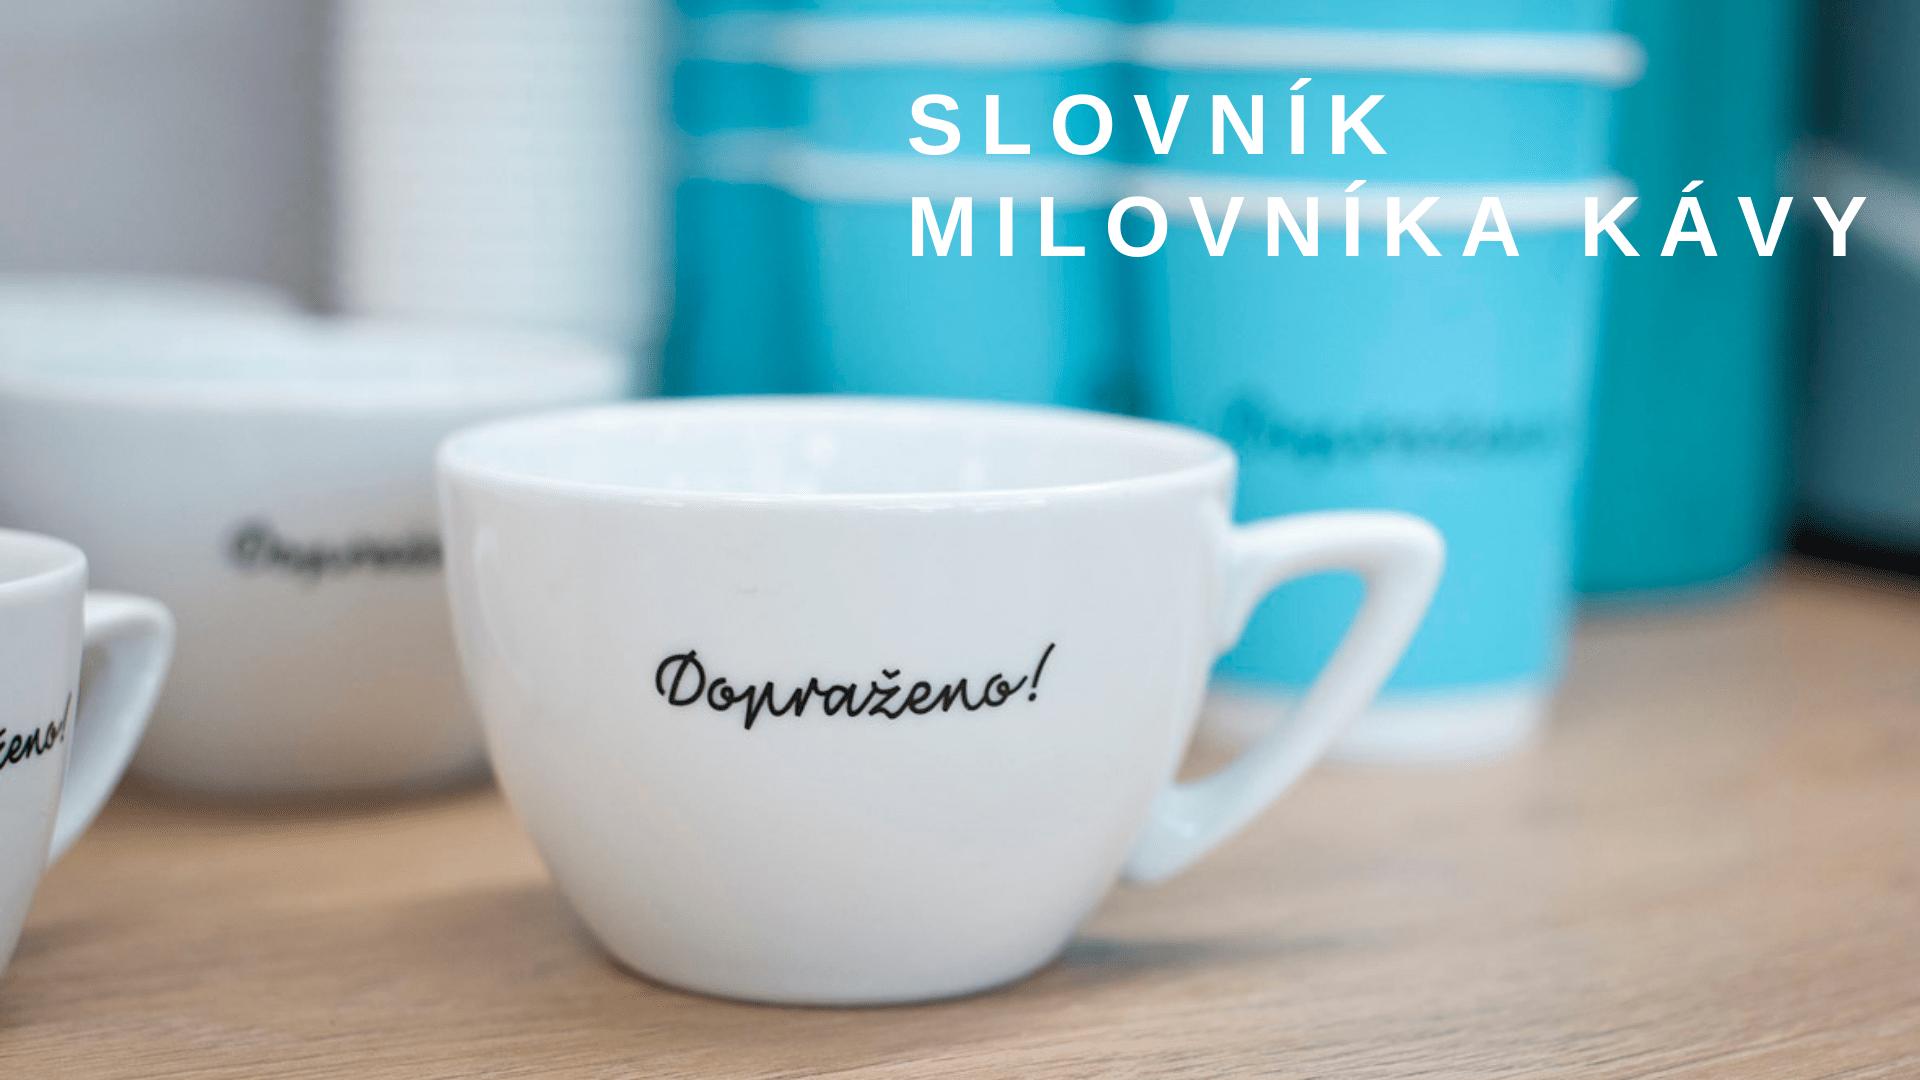 Slovník milovníka kávy.